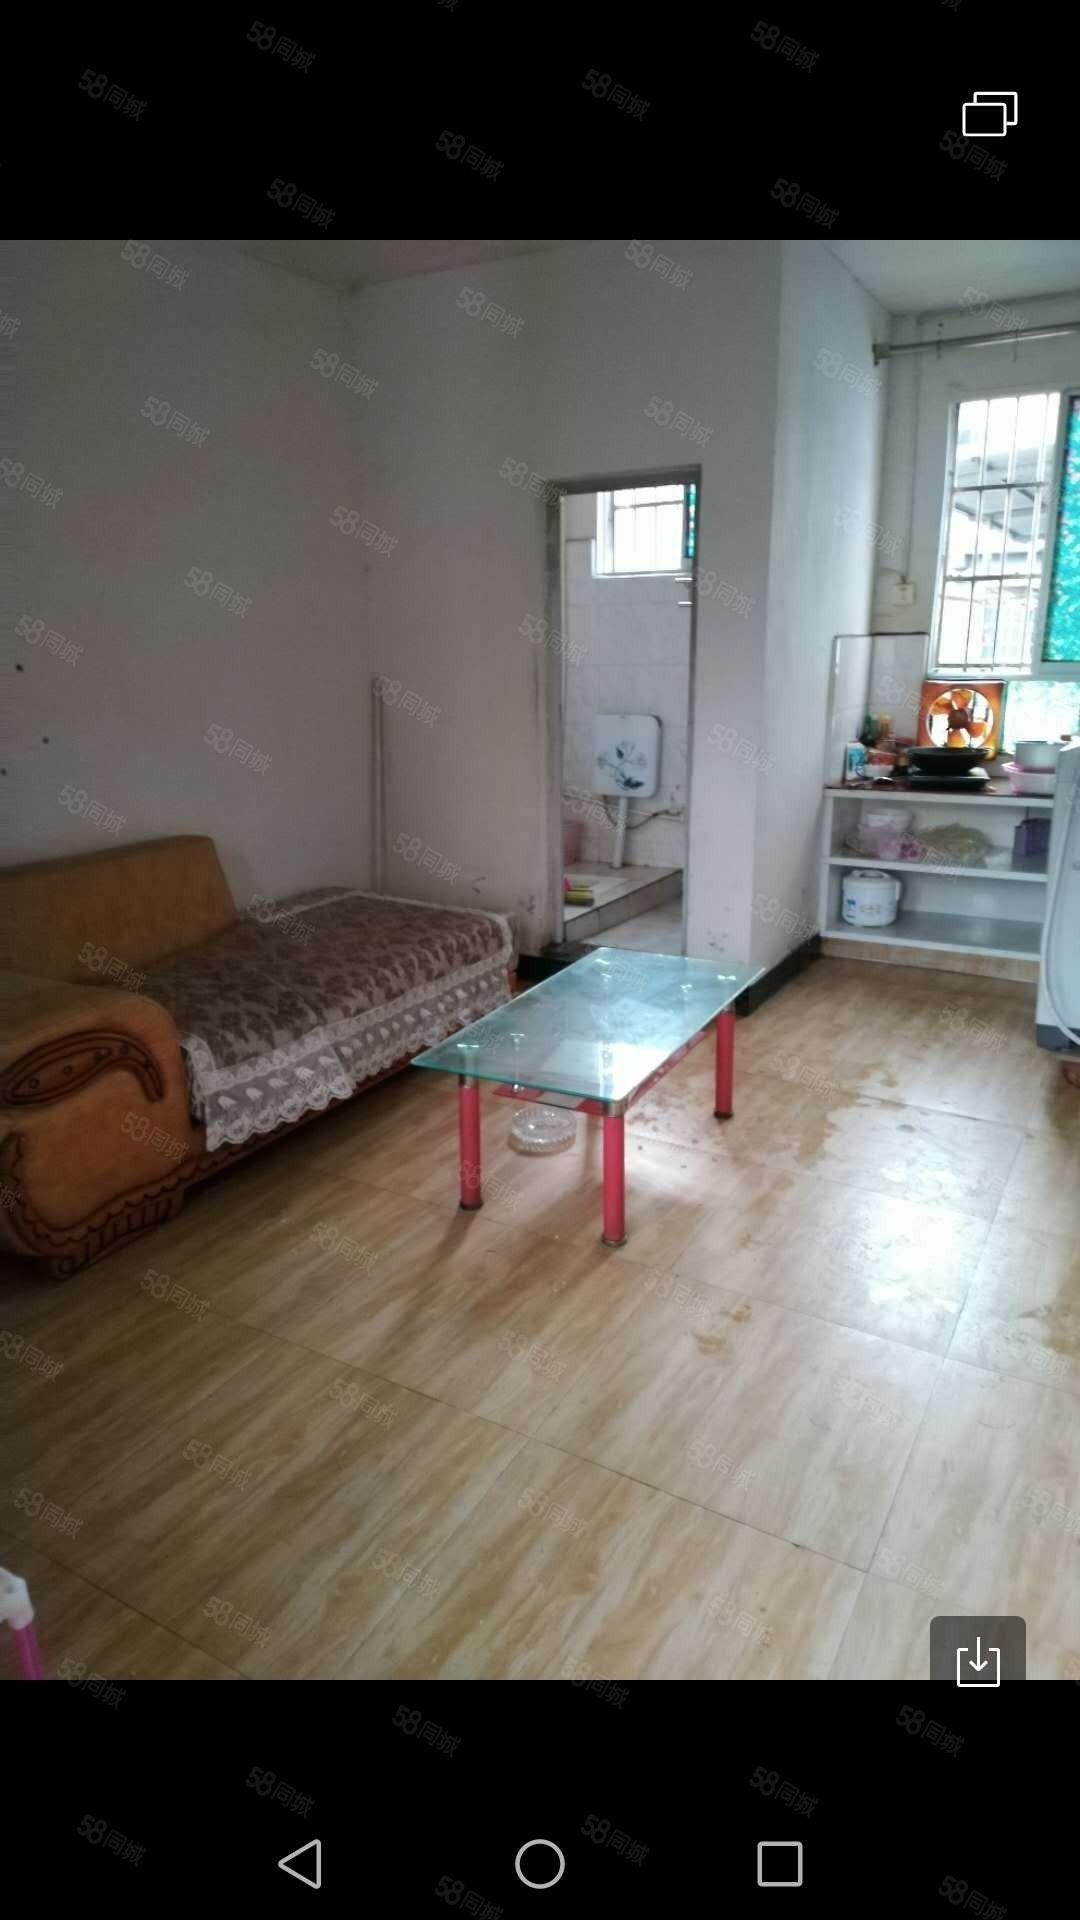 700元特别便宜出租,金滩车站附近一室一厅一厨一卫空调洗衣机